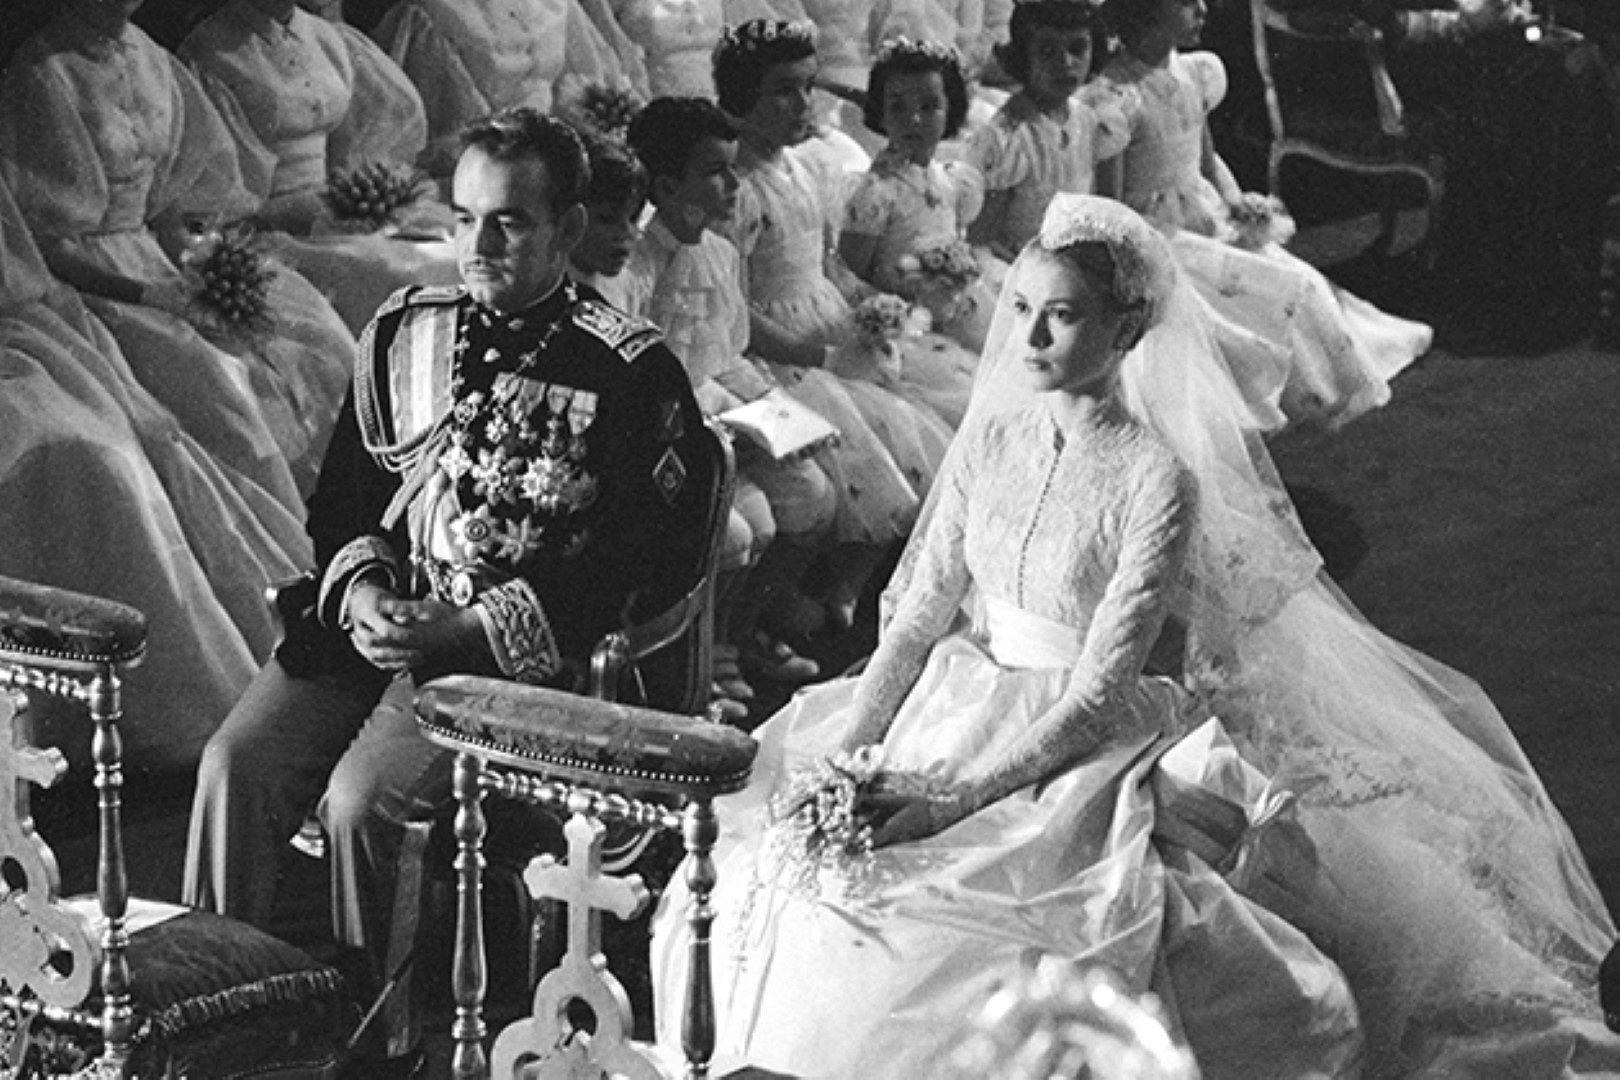 ,grace kelly,esküvő,monacói hercegné,monaco hercegné,monaco hercegnő,esküvői ruha,grace kelly esküvői ruha,grace kelly menyasszonyi ruha,